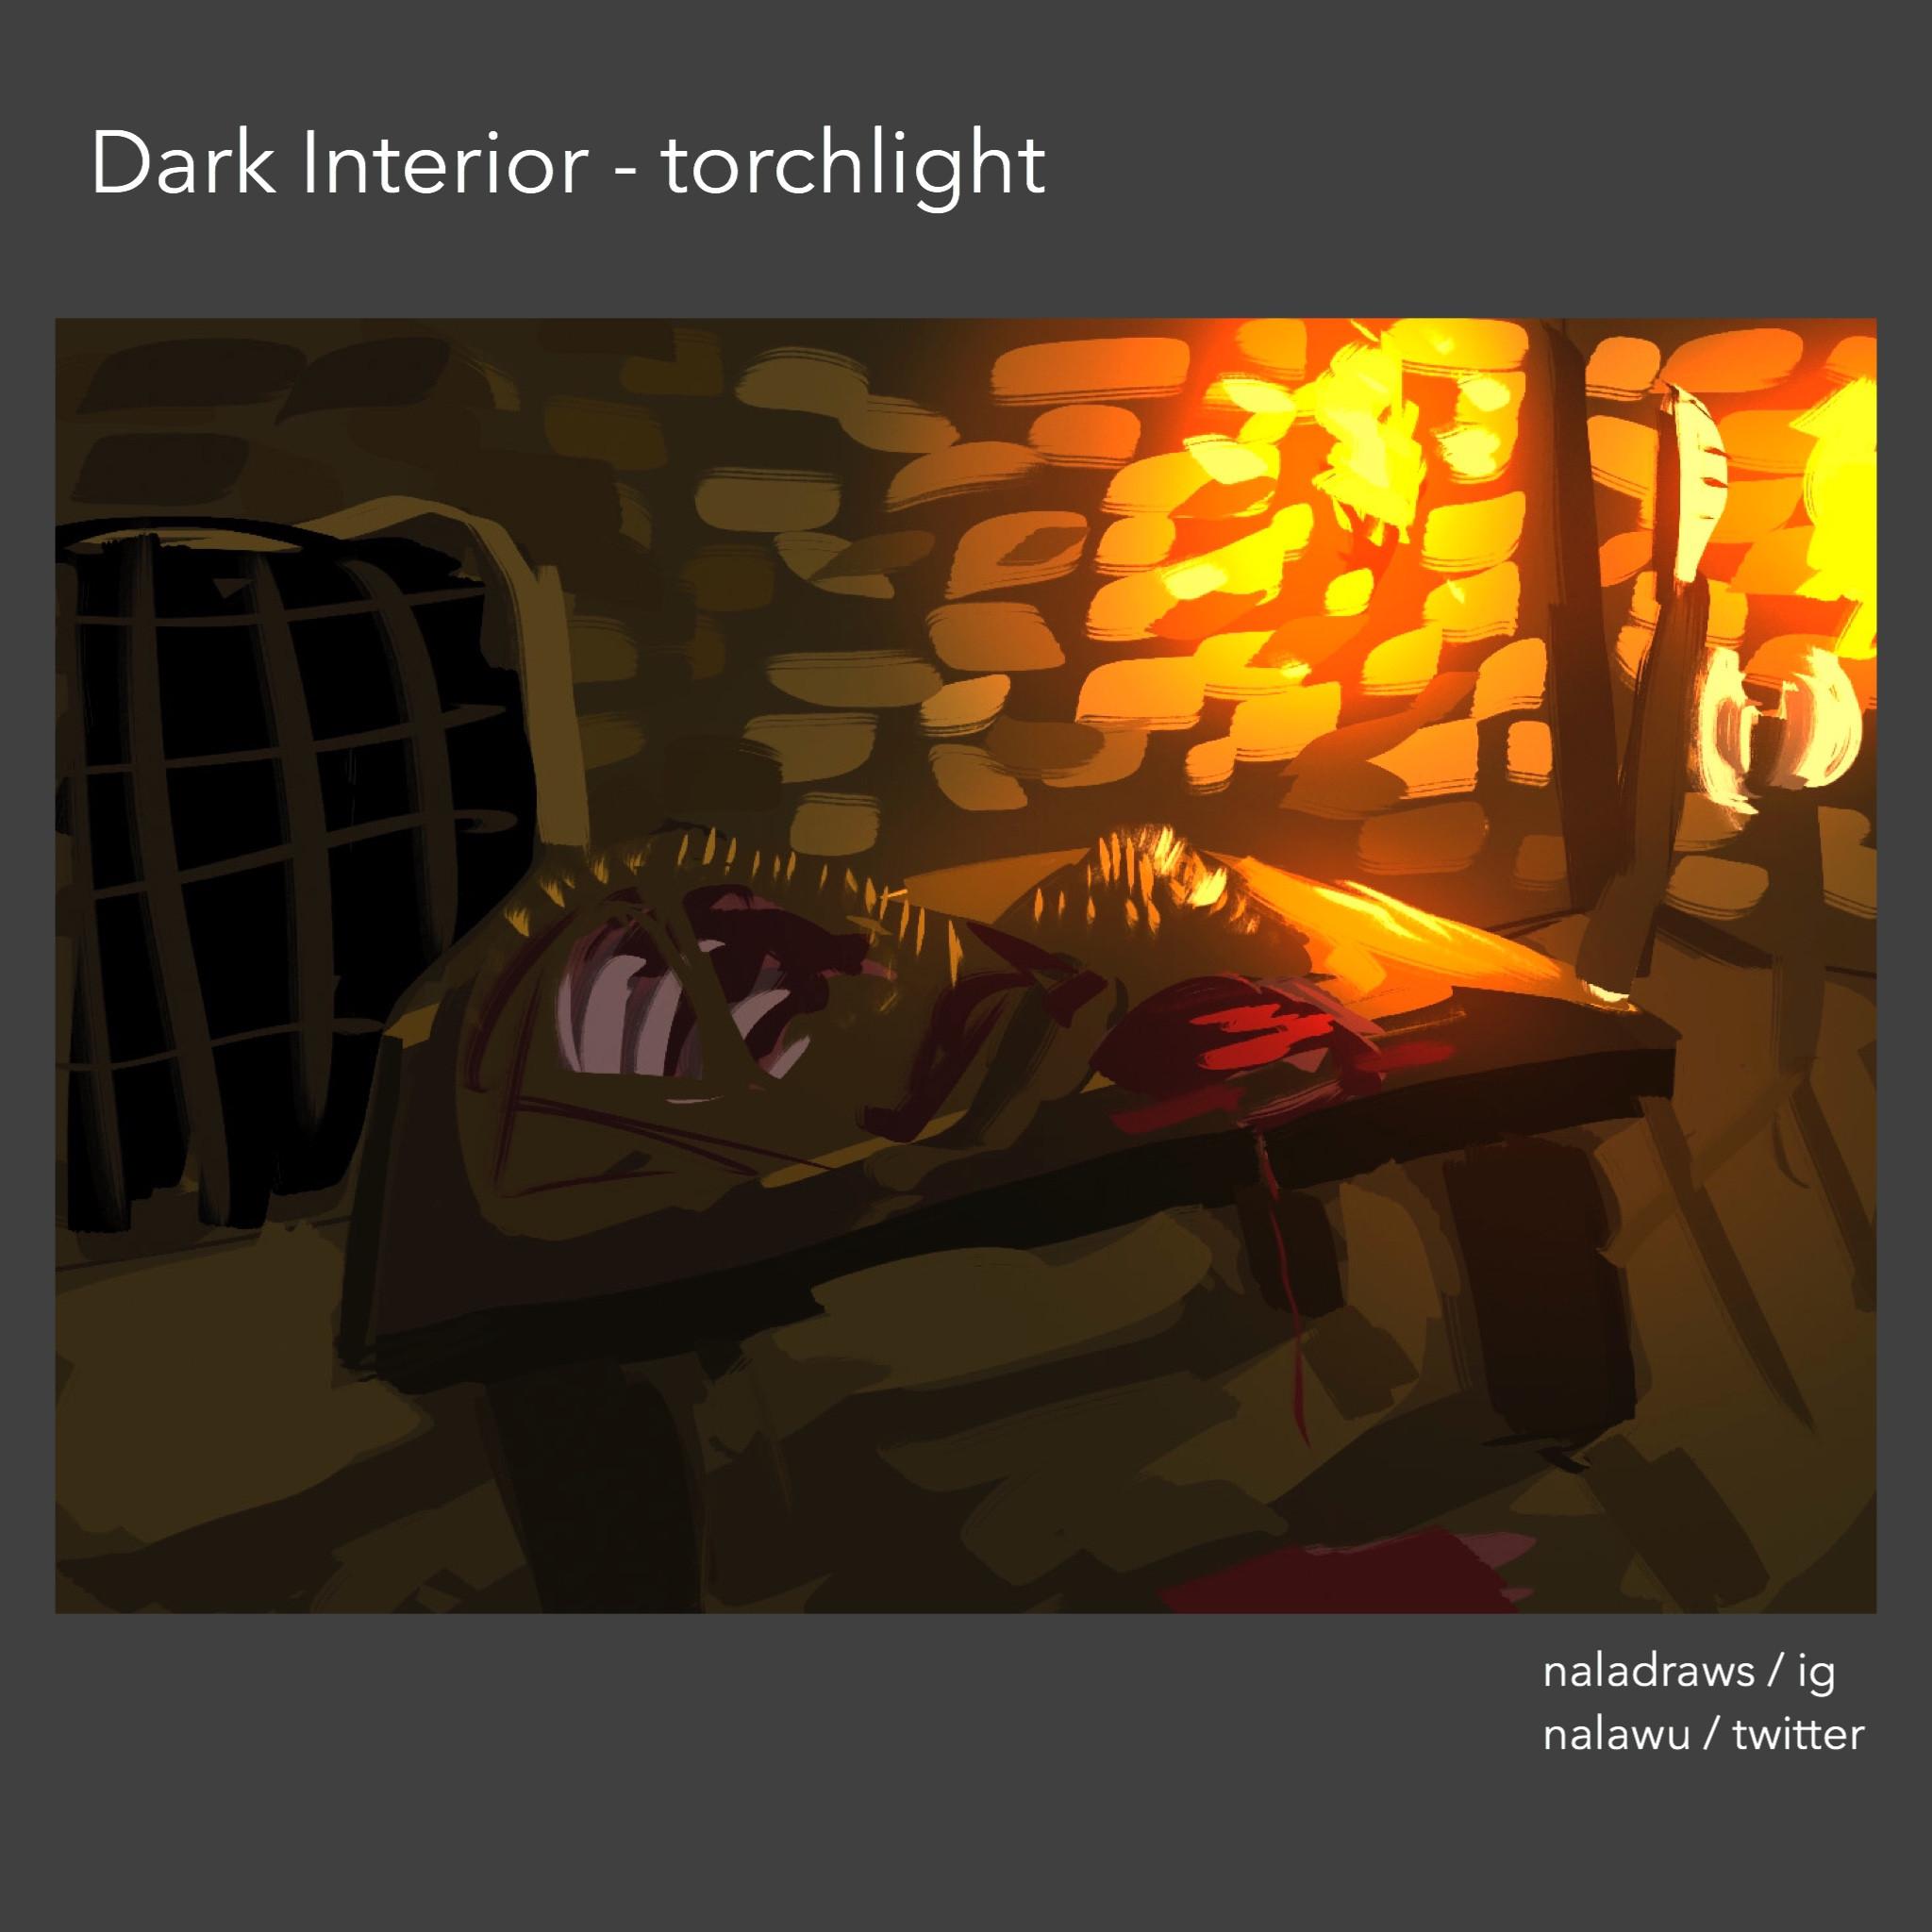 Dark Interior - Torchlight